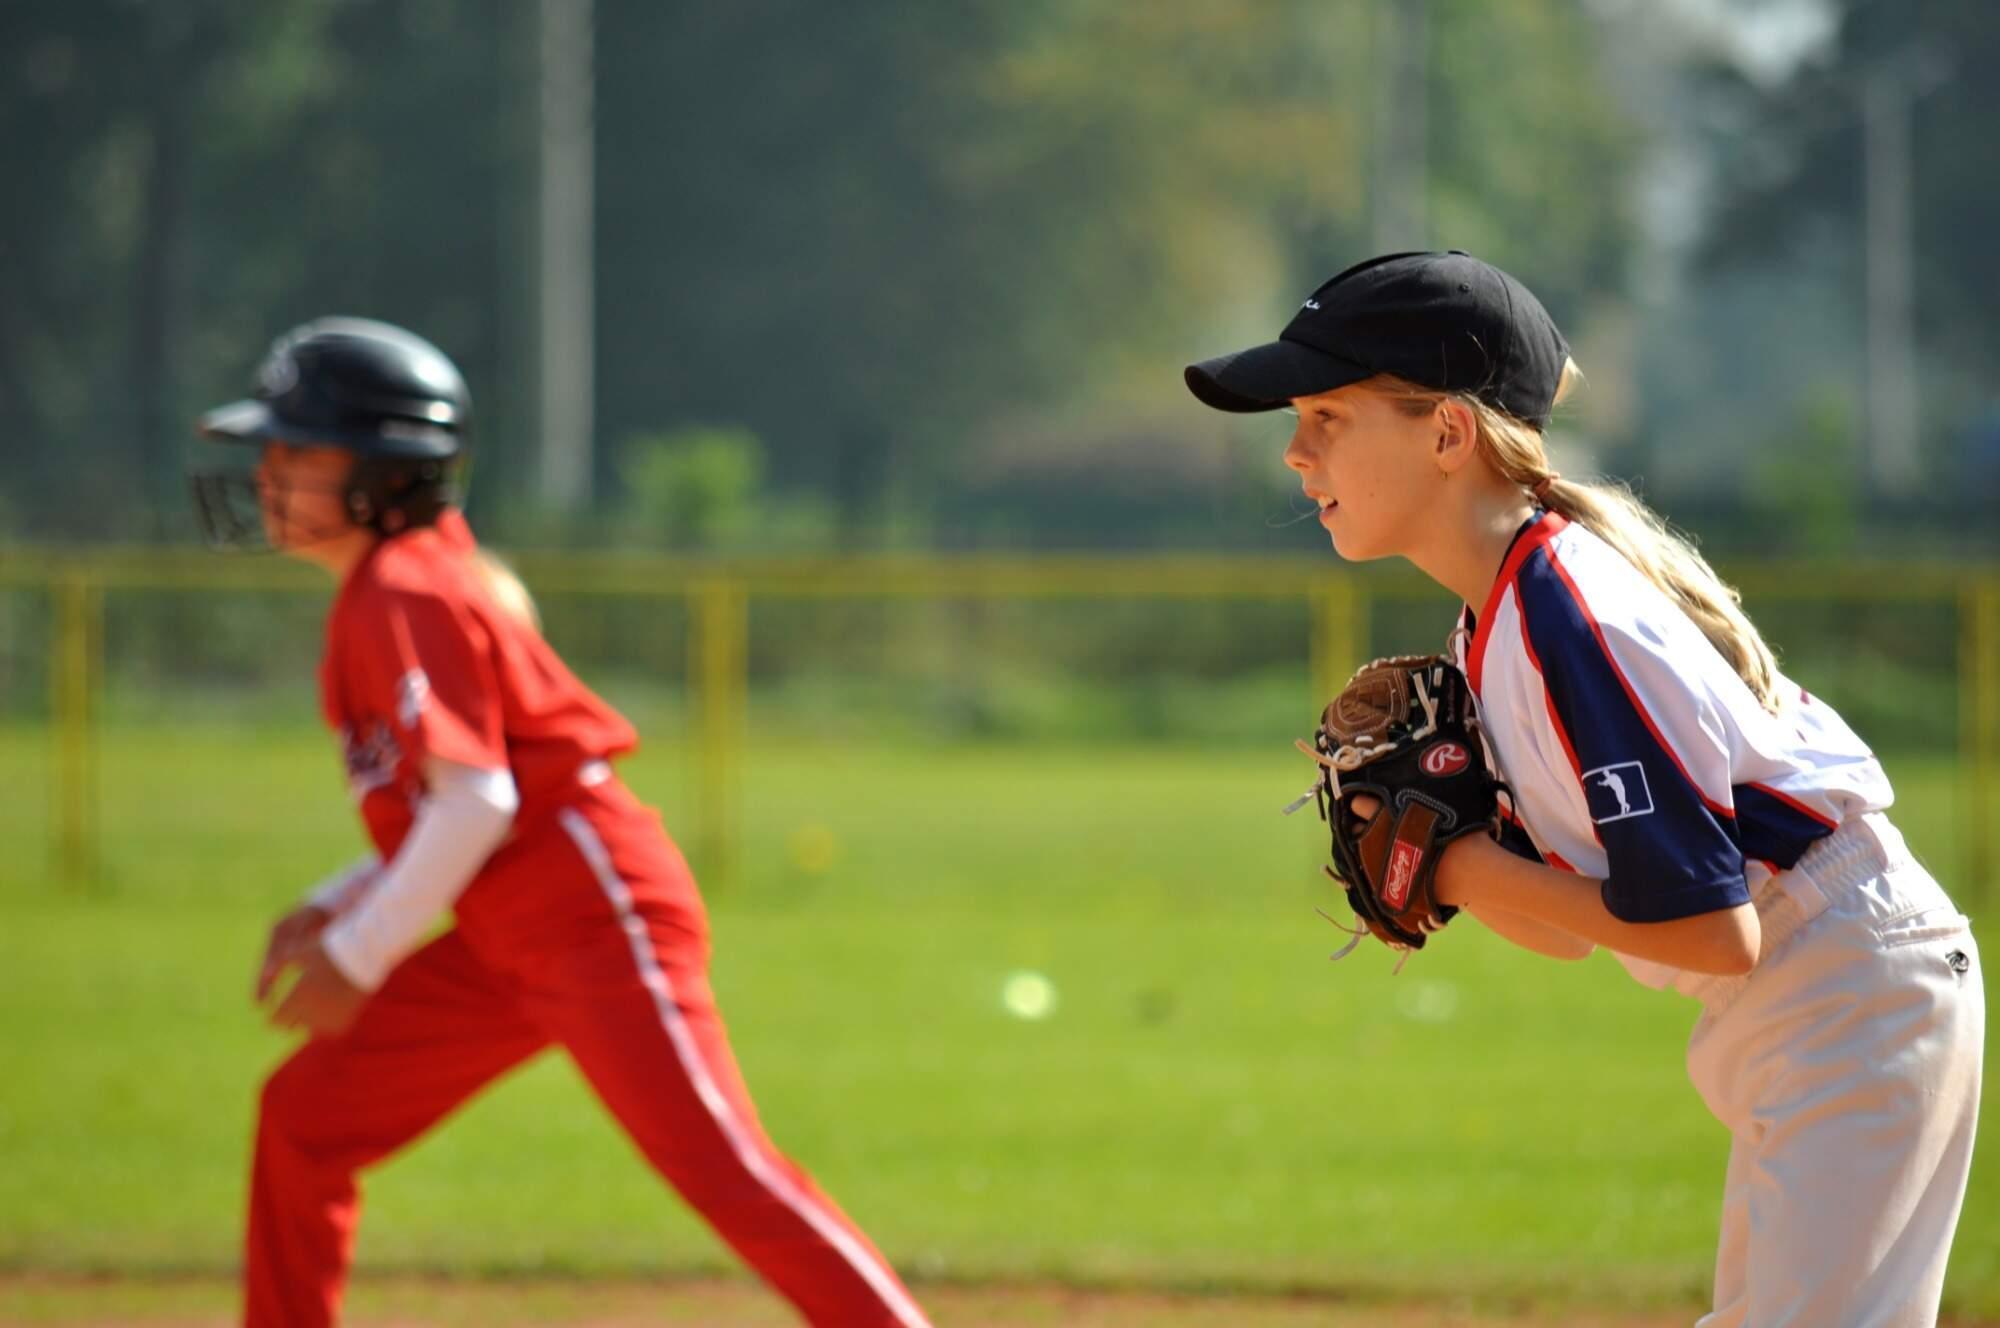 Klackaři - Waynes softball U11   Elena Voženílková   foto T. Dunda